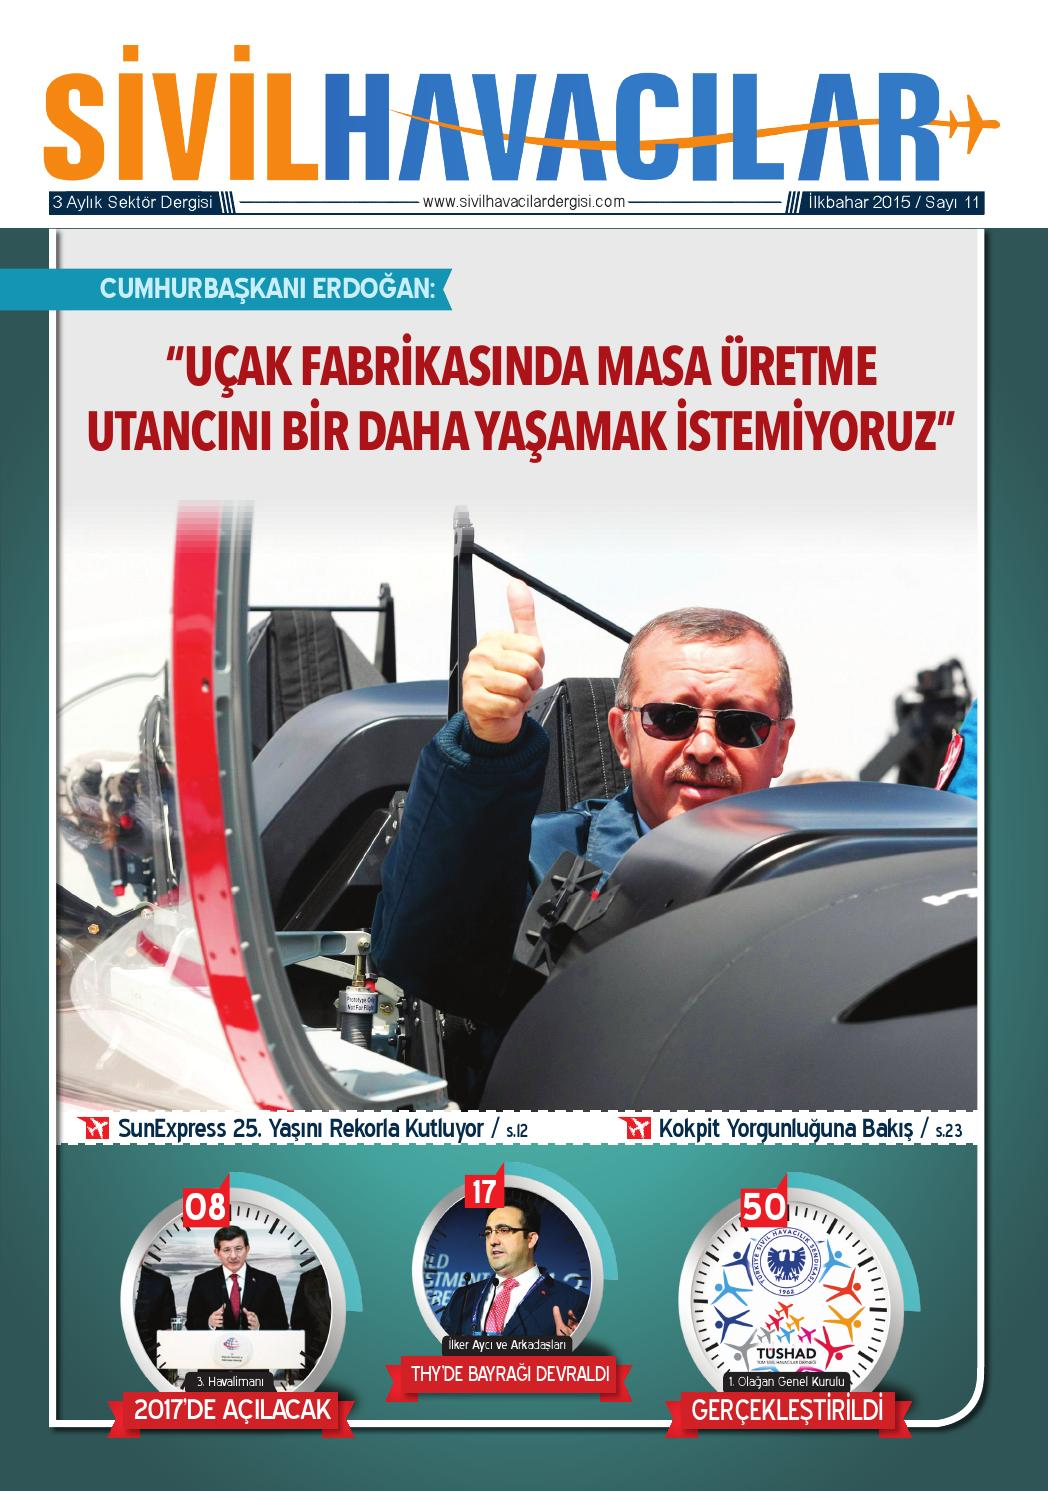 Başbakan Yıldırım: Ankara semalarında uçan her uçak füzeyle indirilecek 66